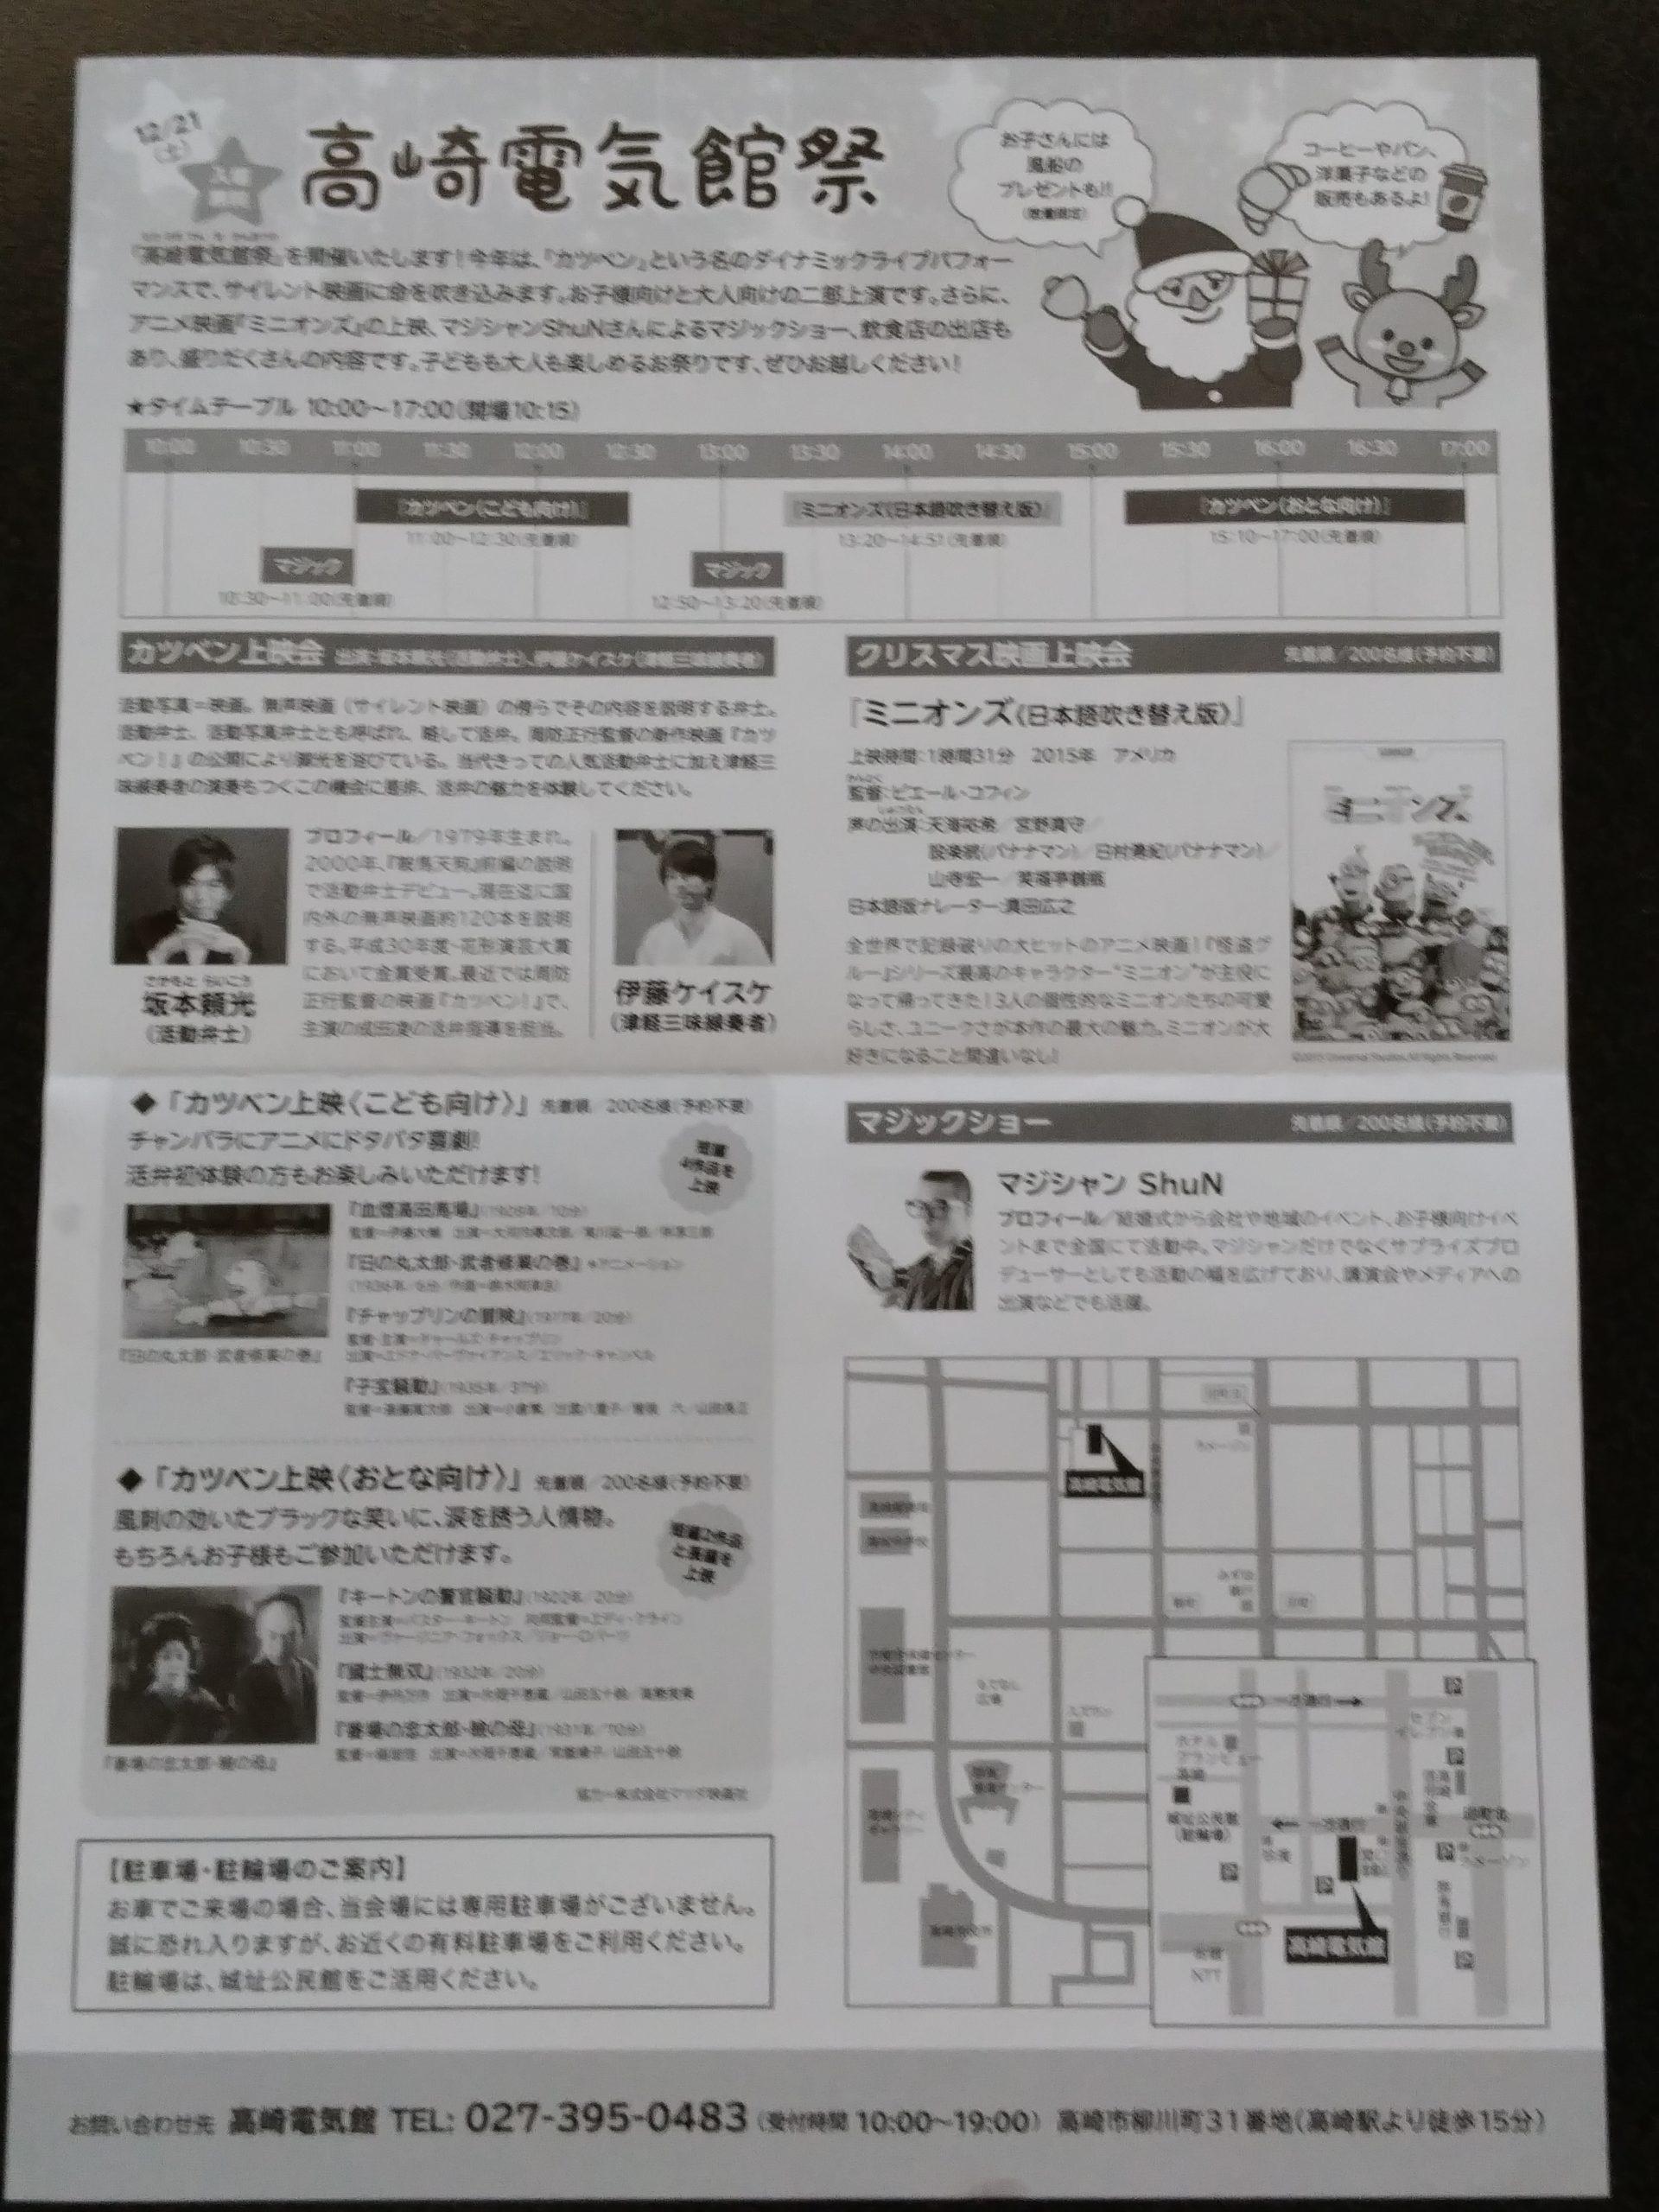 高崎電気館祭 タイムスケジュール